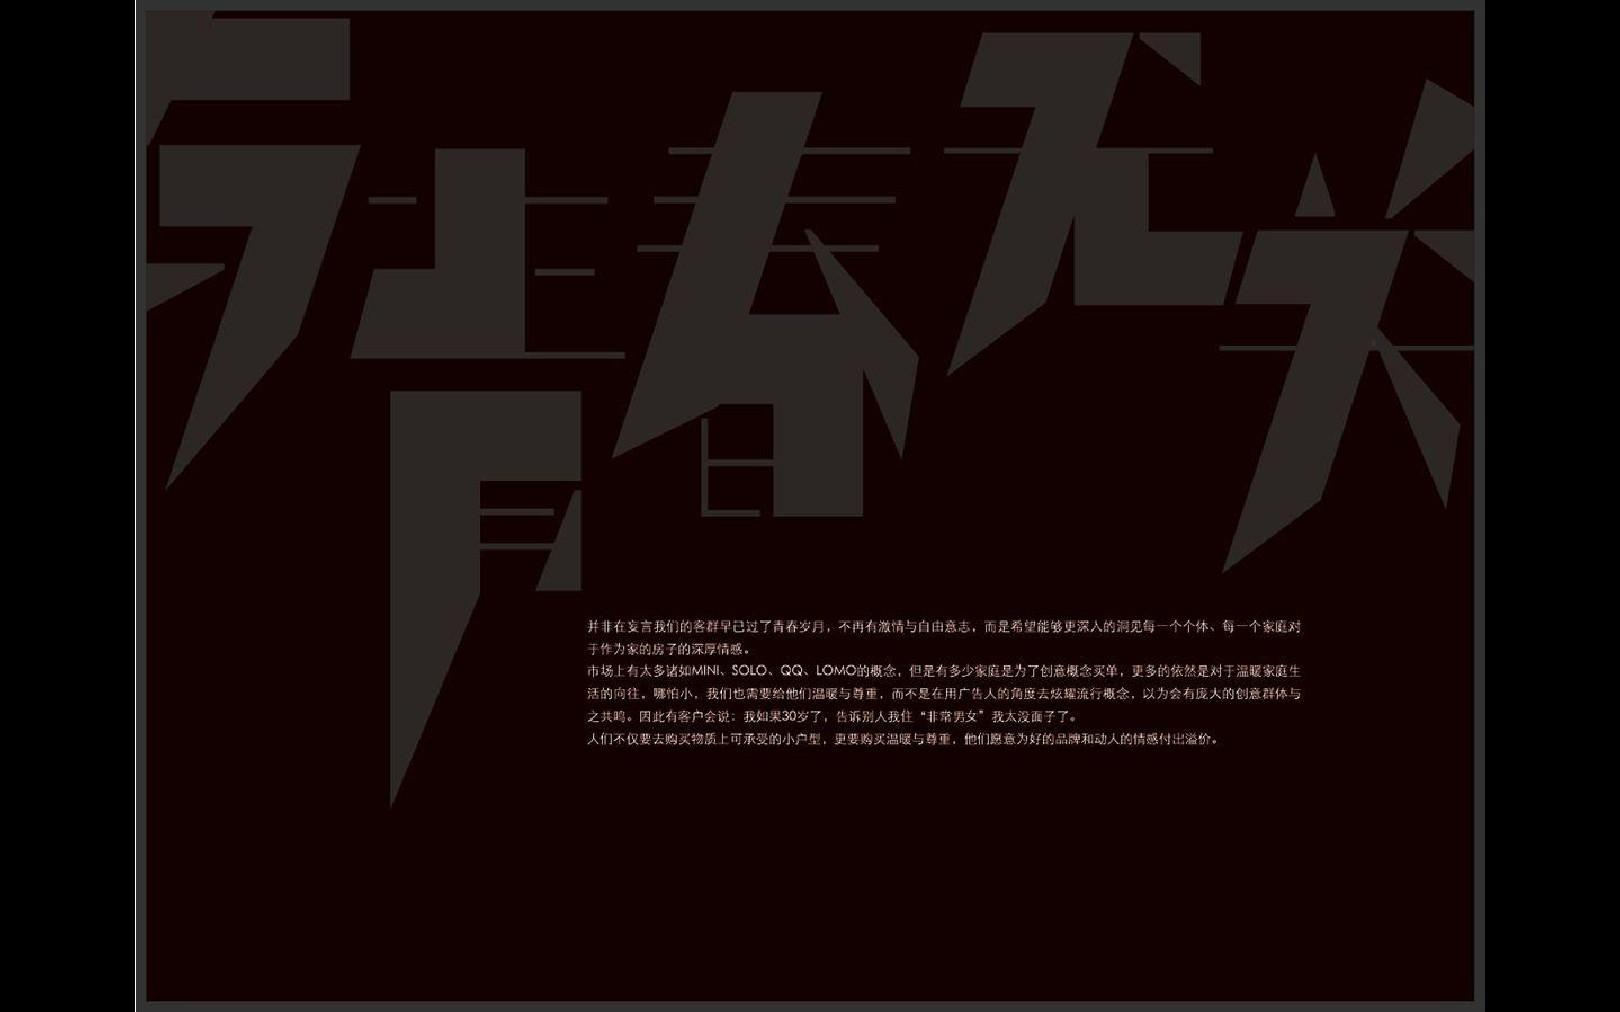 红鹤沟通【精品】:万科·金奥国际·创意表现ppt图片